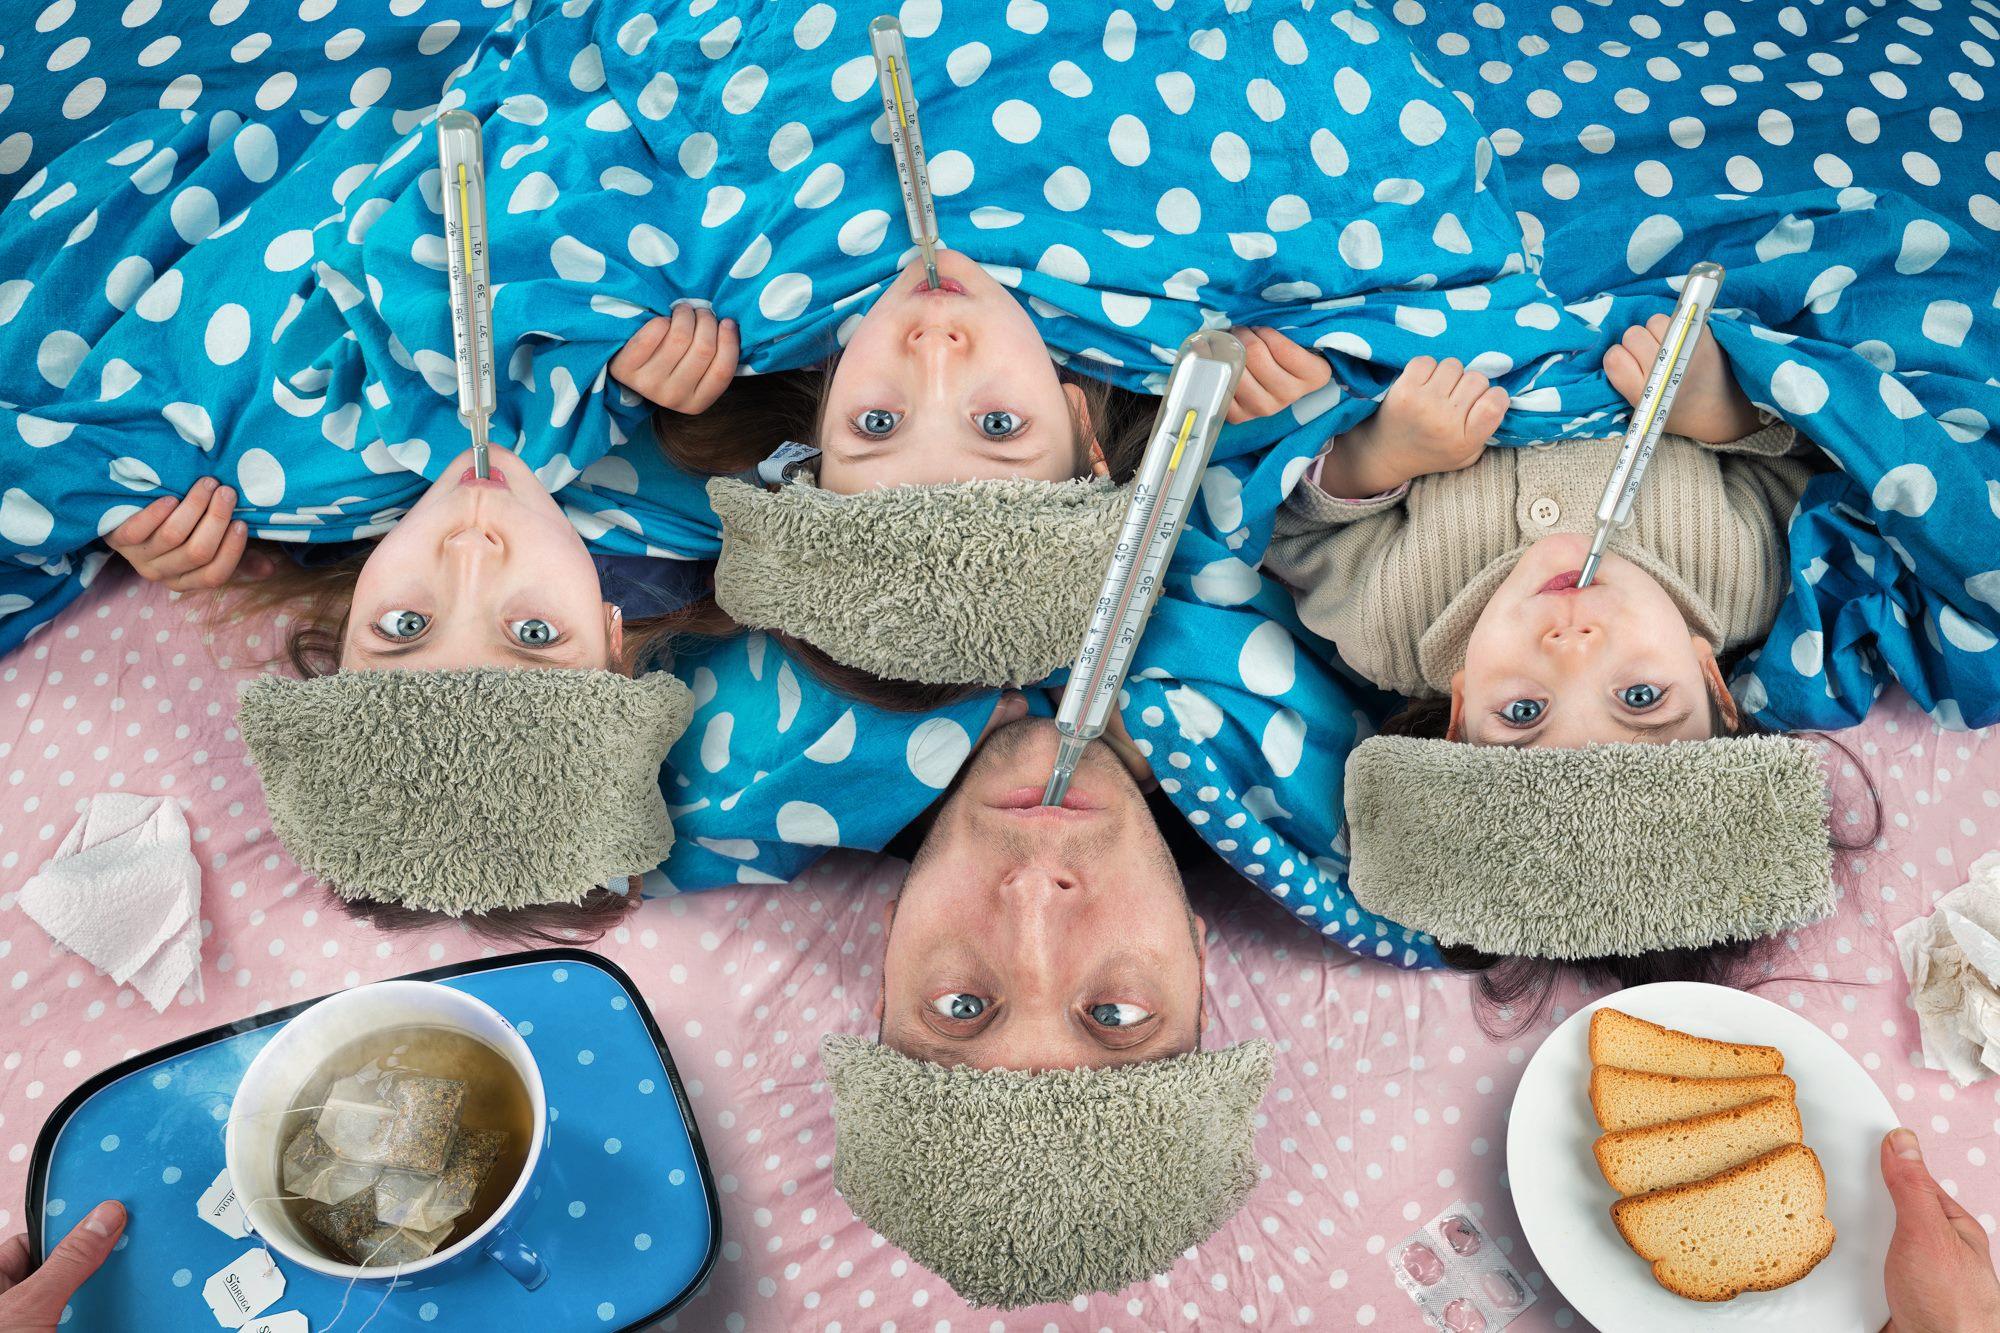 Здравый взгляд доктора Комаровского на эпидемию гриппа